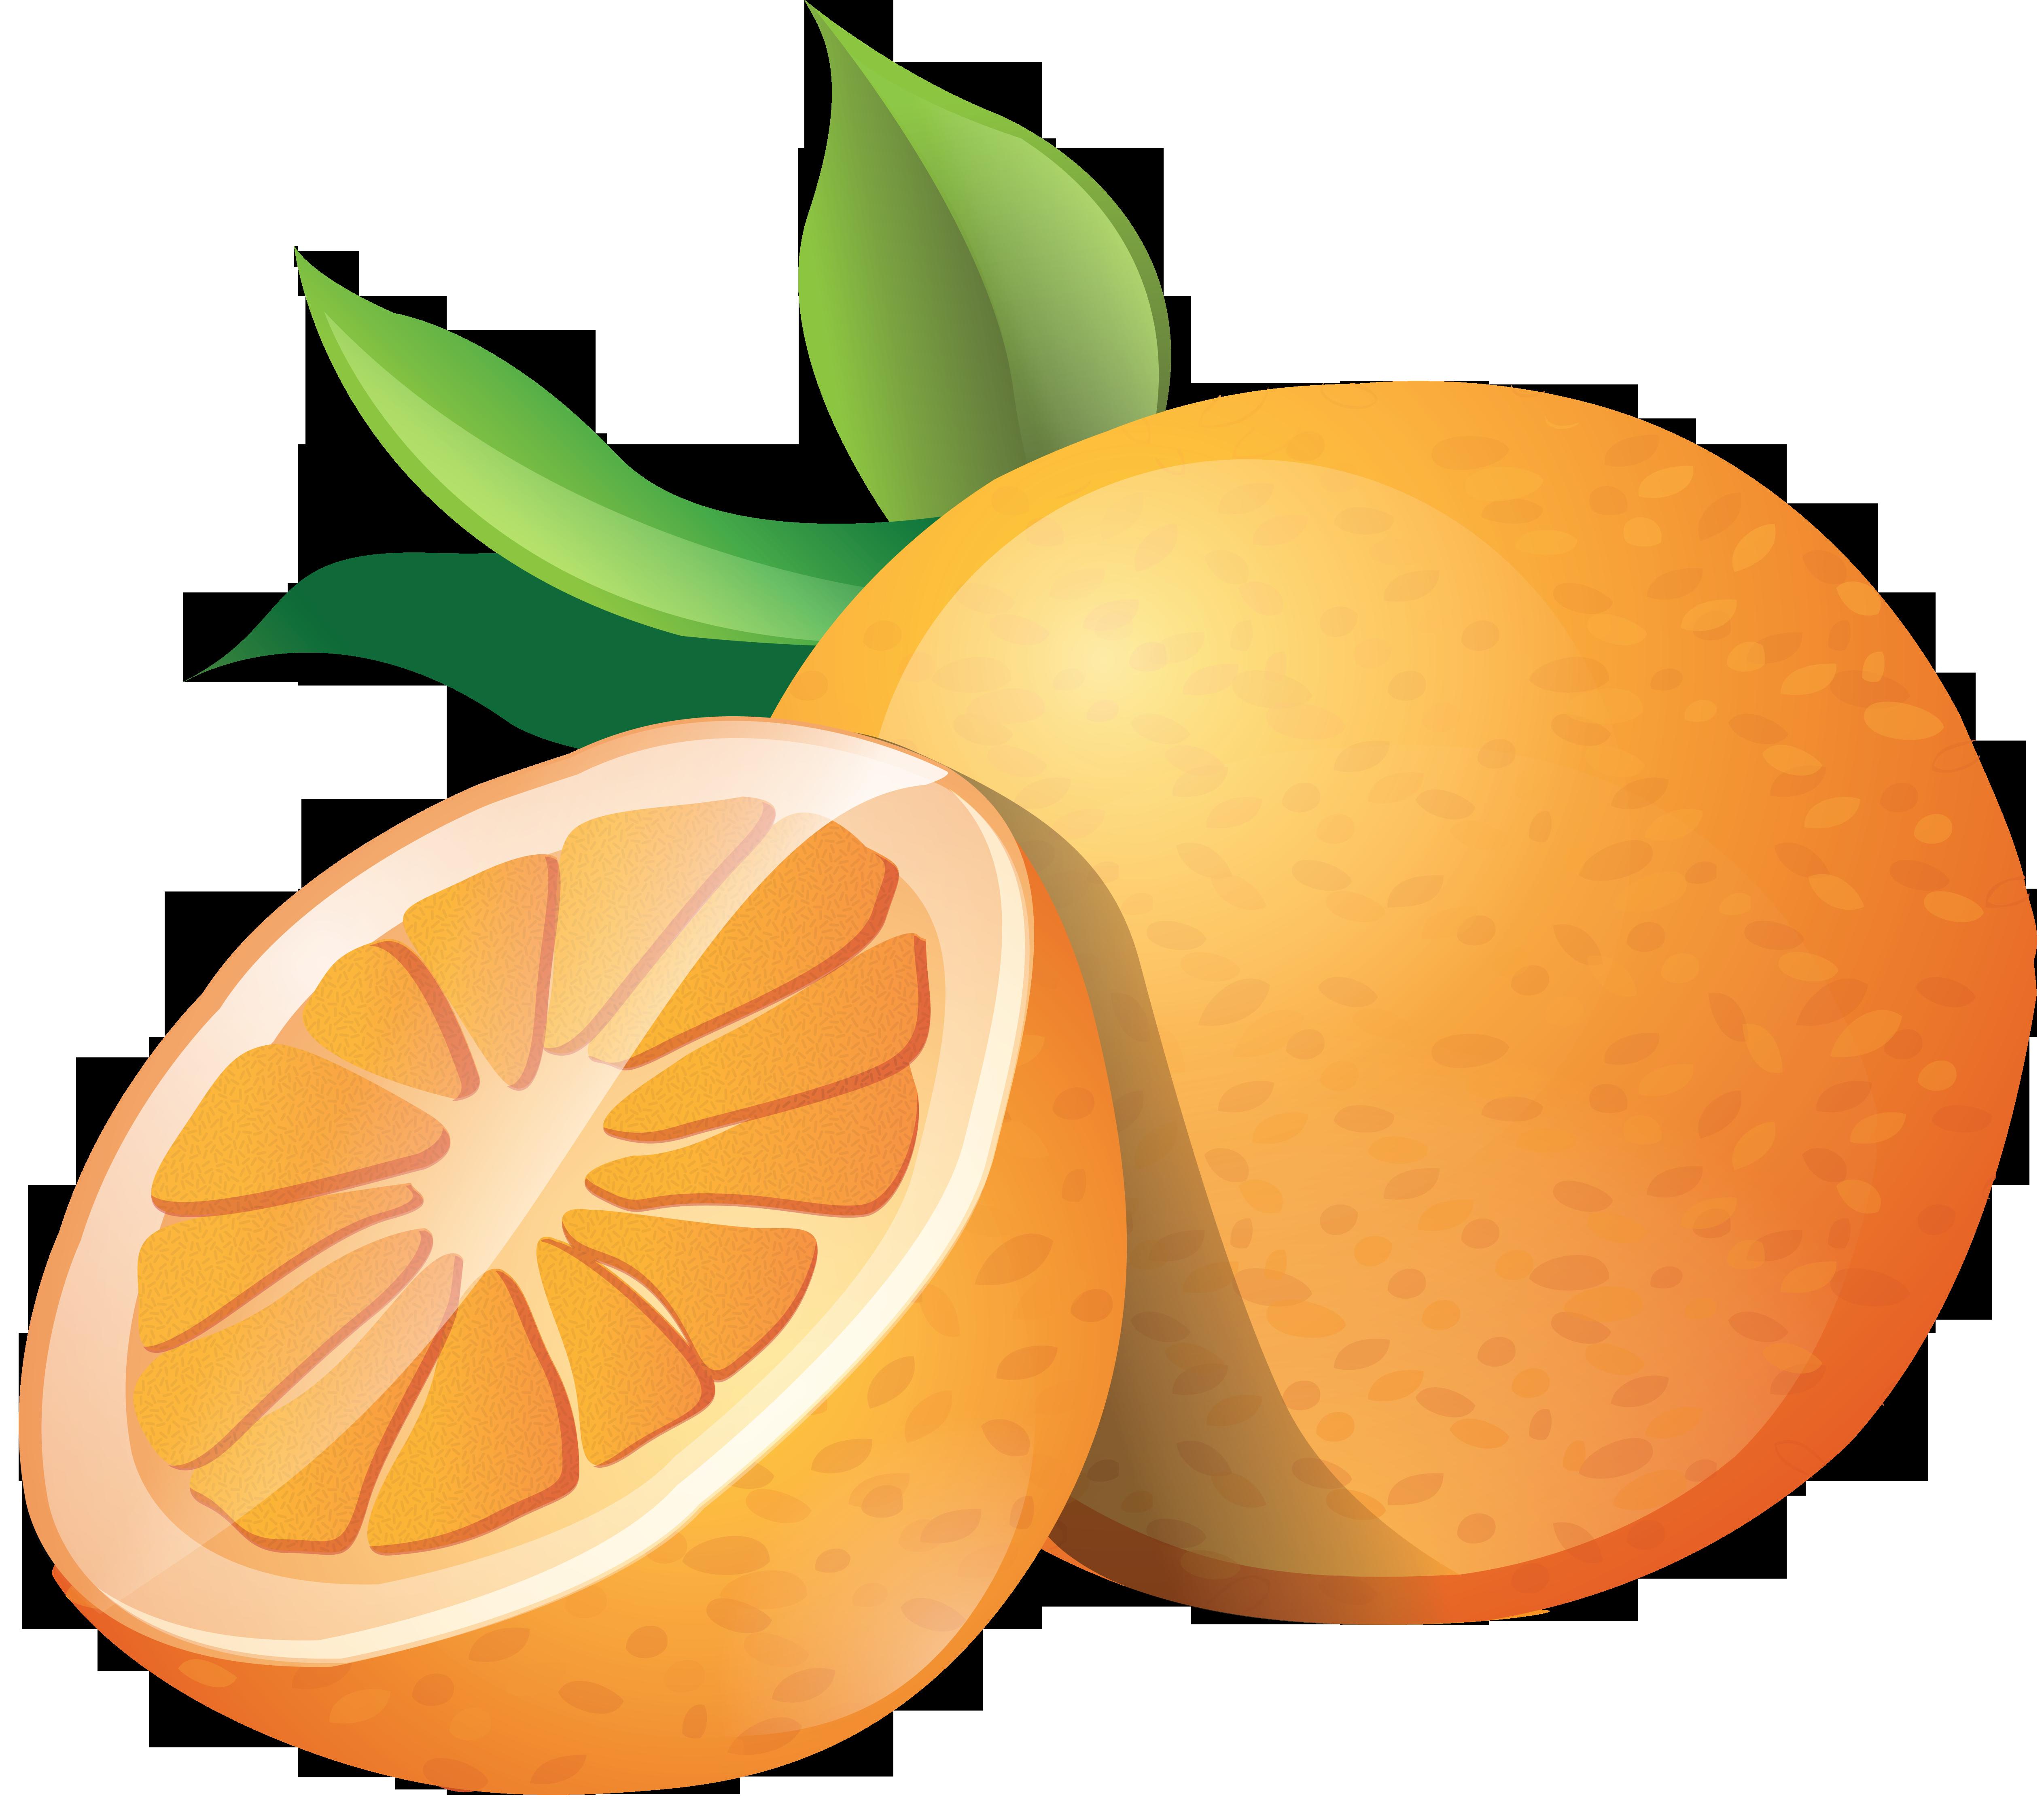 Orange Oranges Orange Oranges Png Images